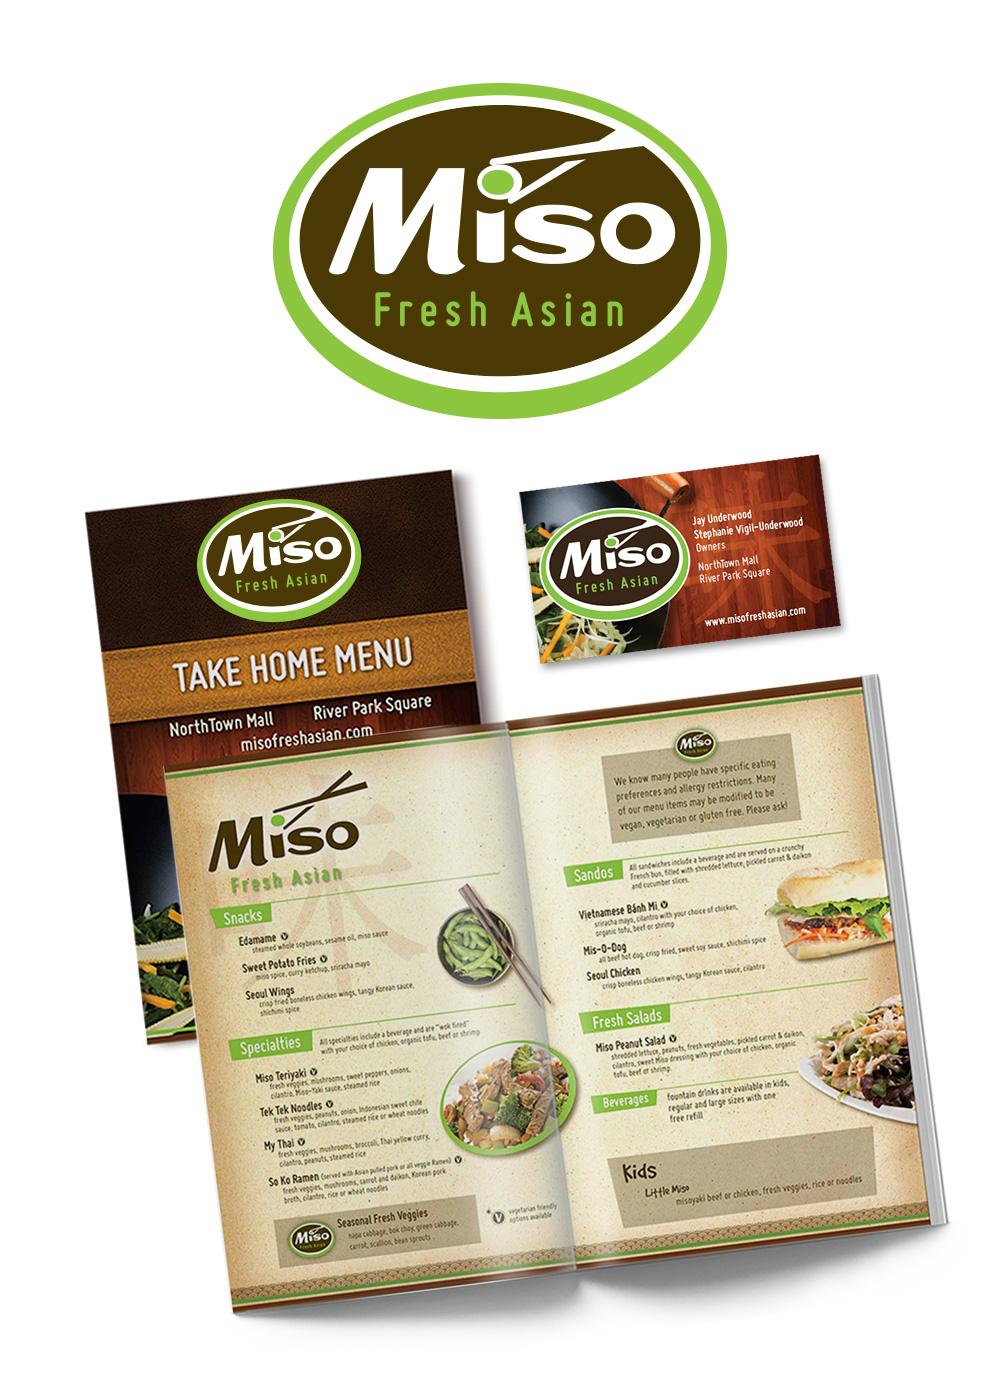 Miso Fresh Asian branding